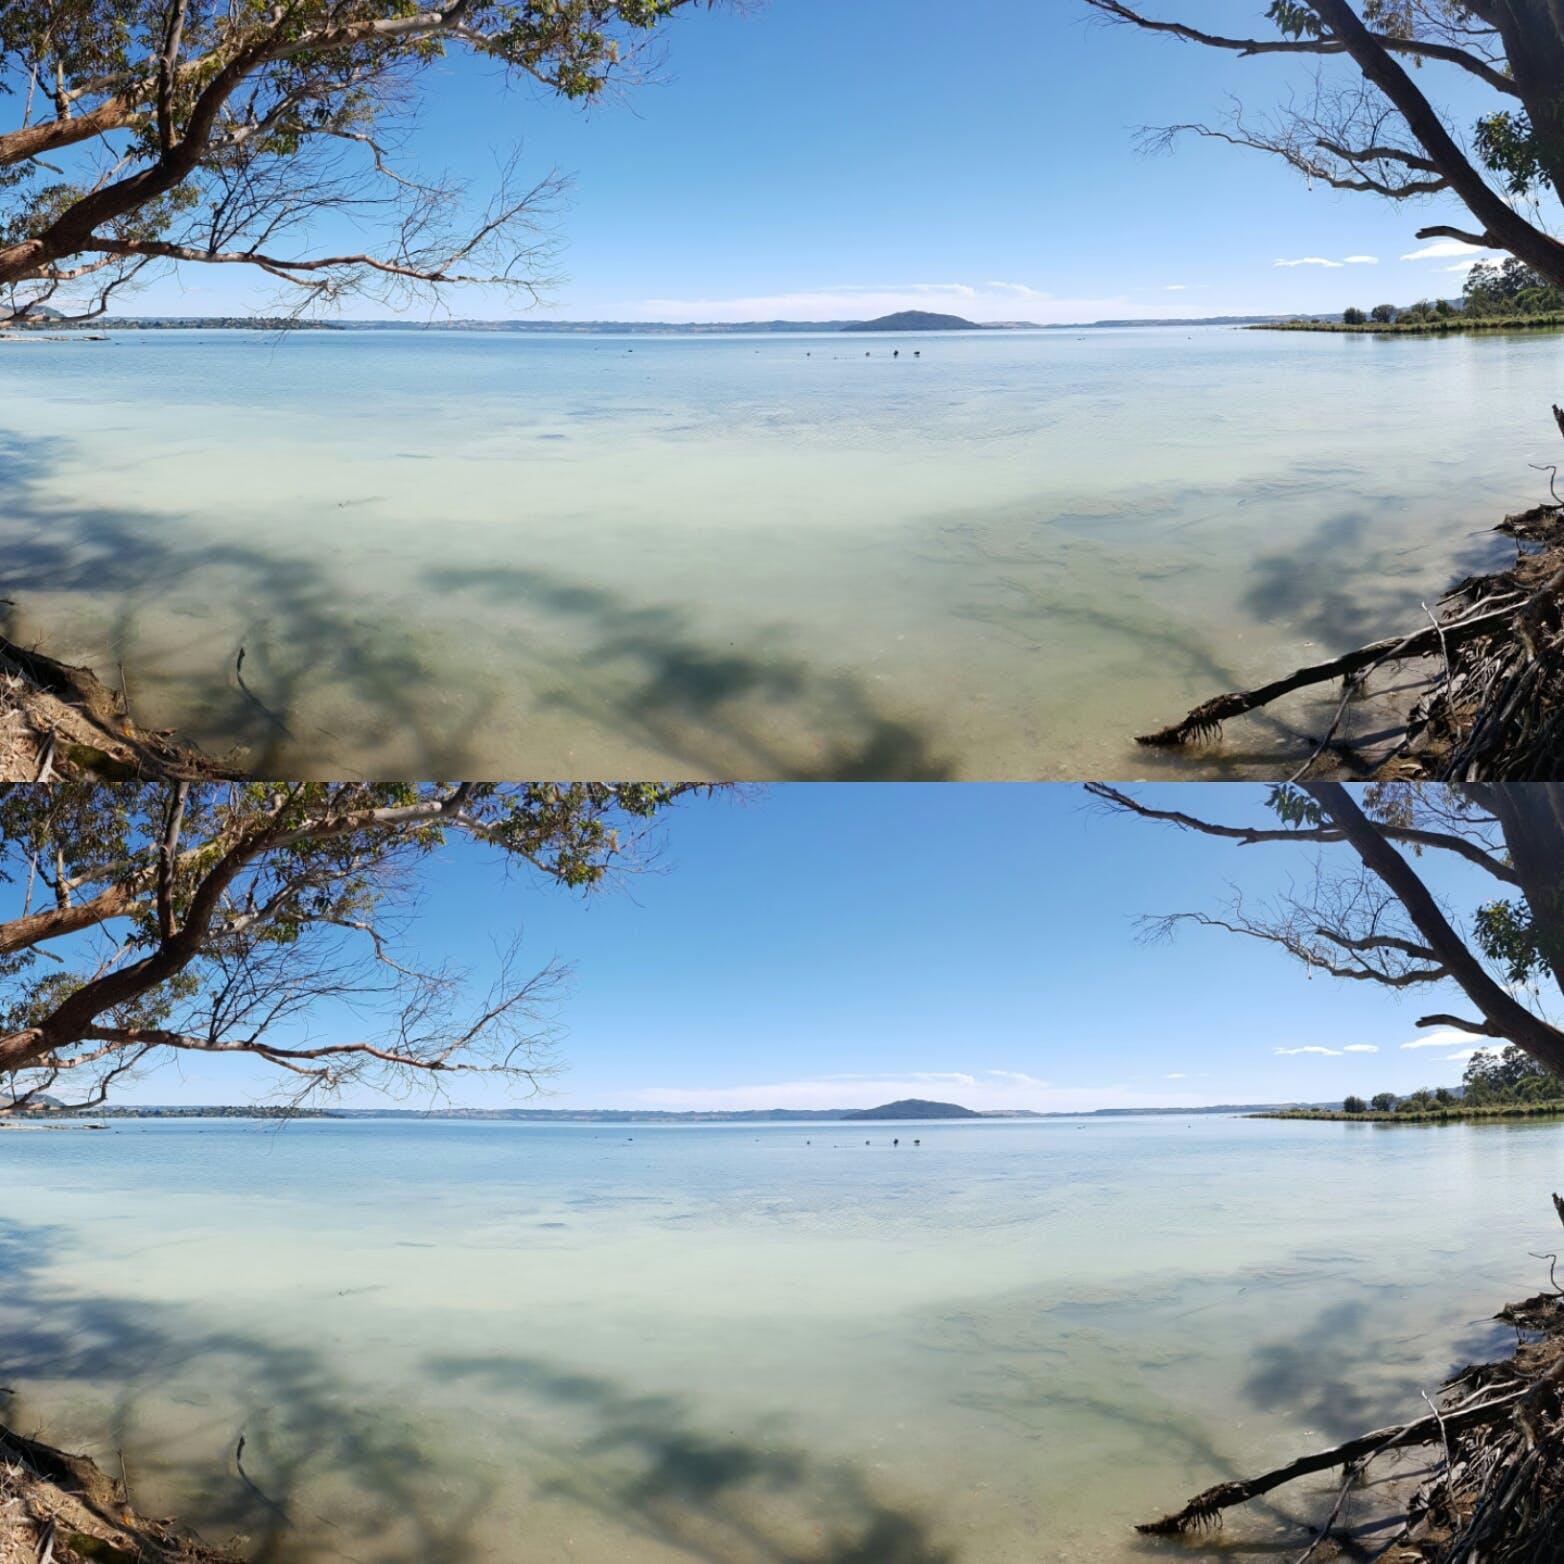 #37 Rotorua-nui-a-kahumatamomoe